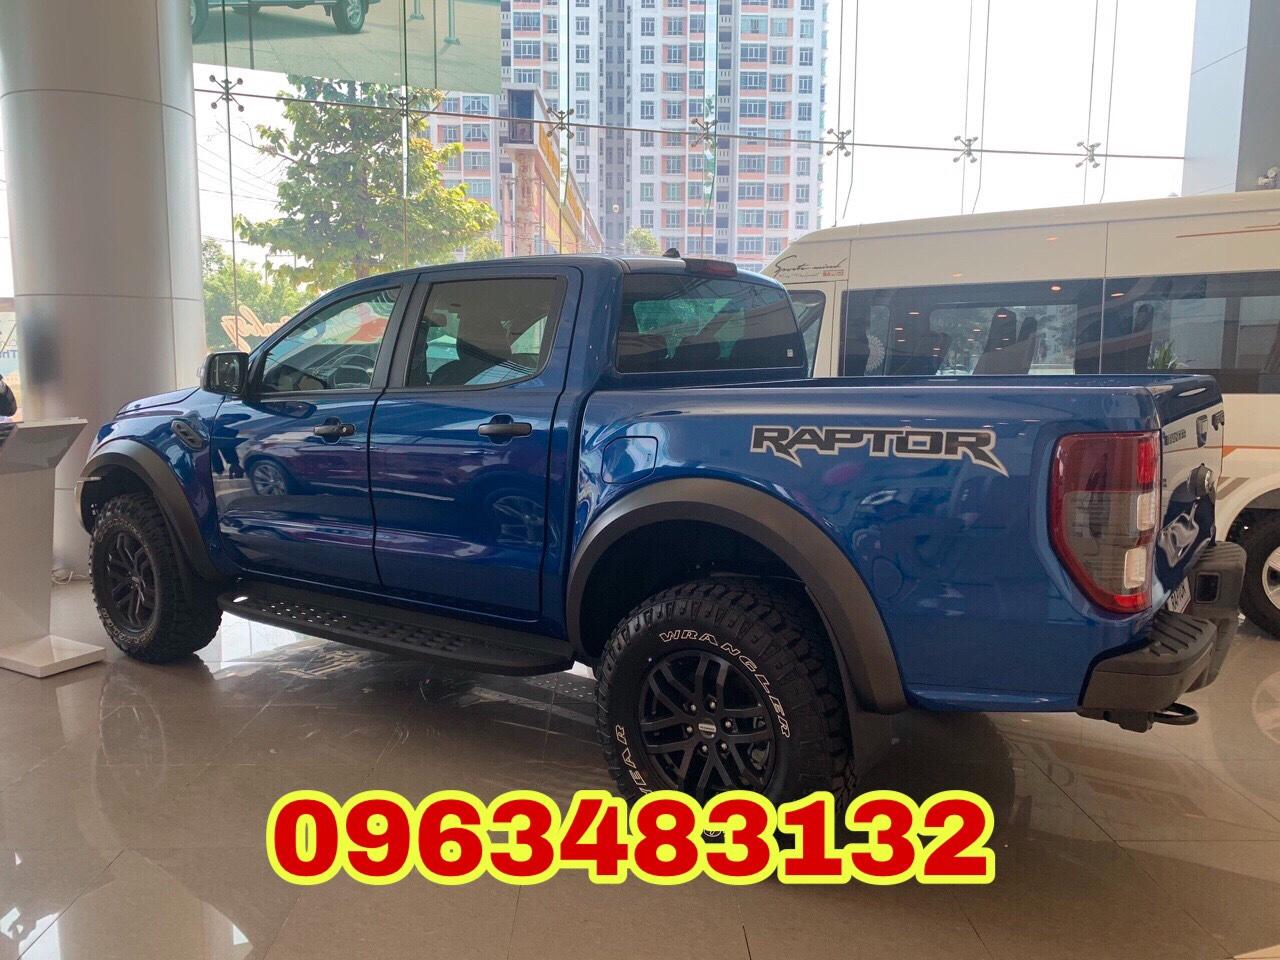 Xe Ford Ranger Raptor 2021 hỗ trợ trả góp tại tỉnh Bắc Ninh, giao xe ngay nhập khẩu nguyên chiếc